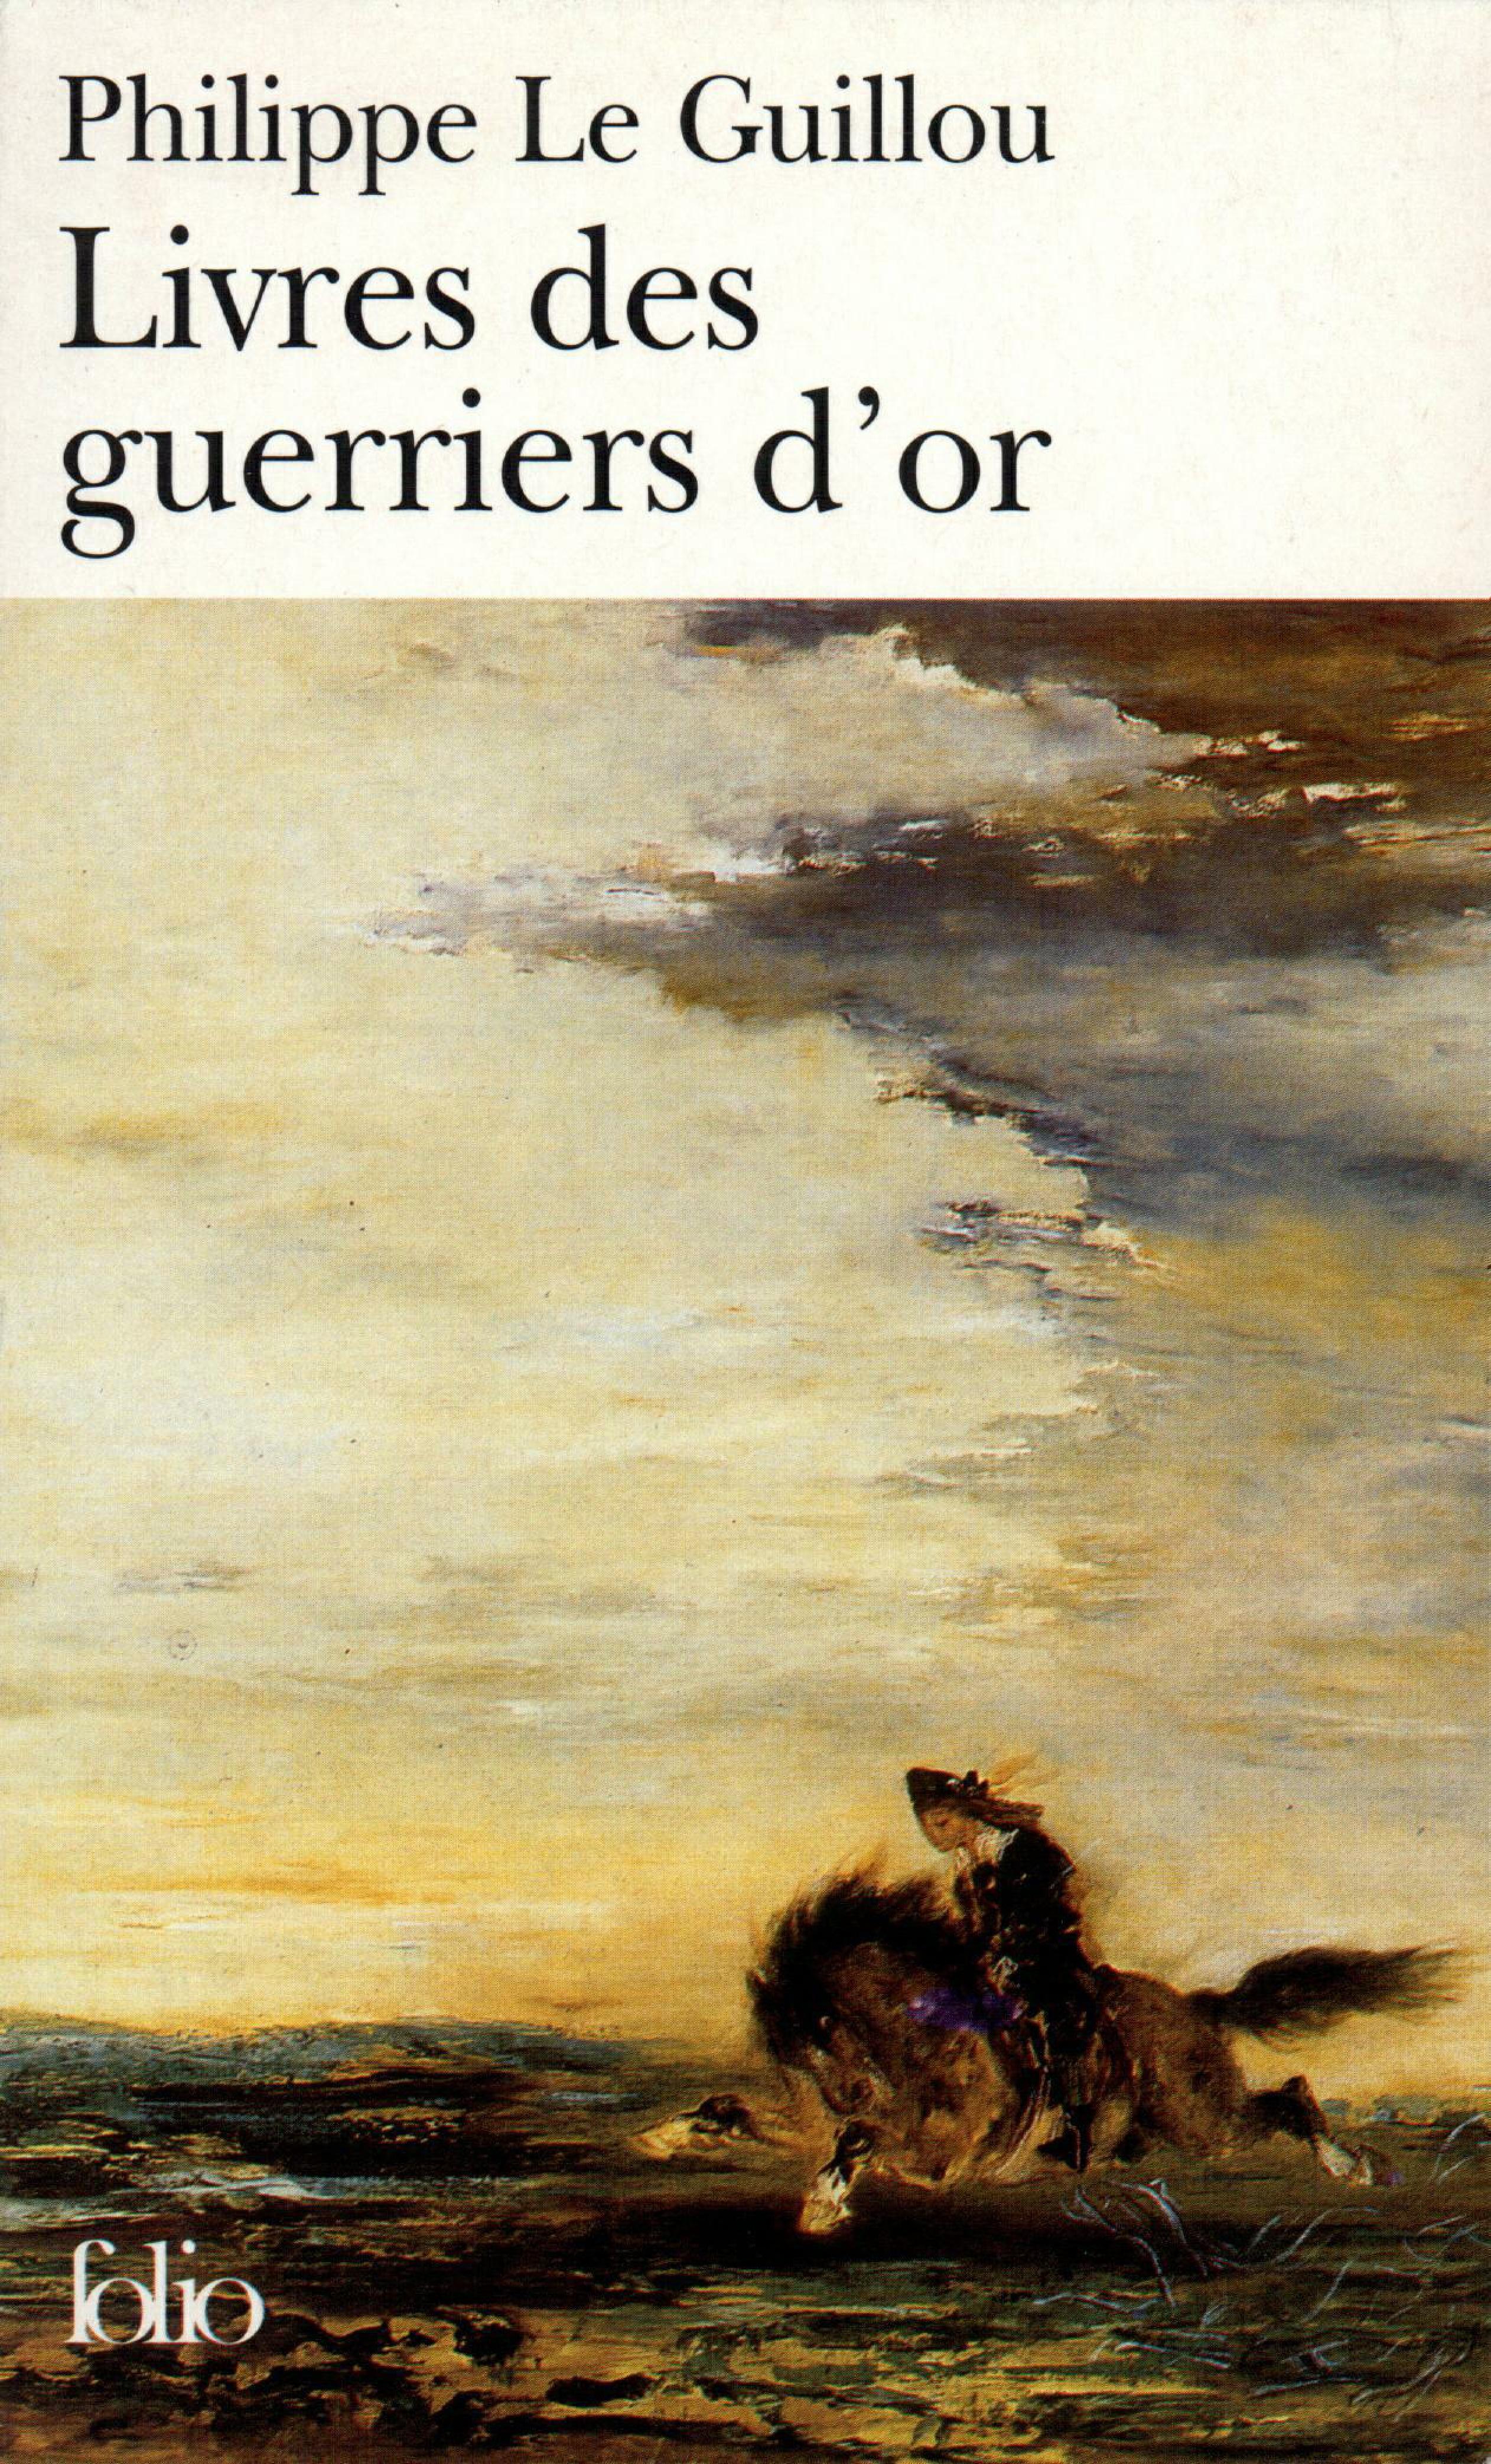 Livres des guerriers d'or